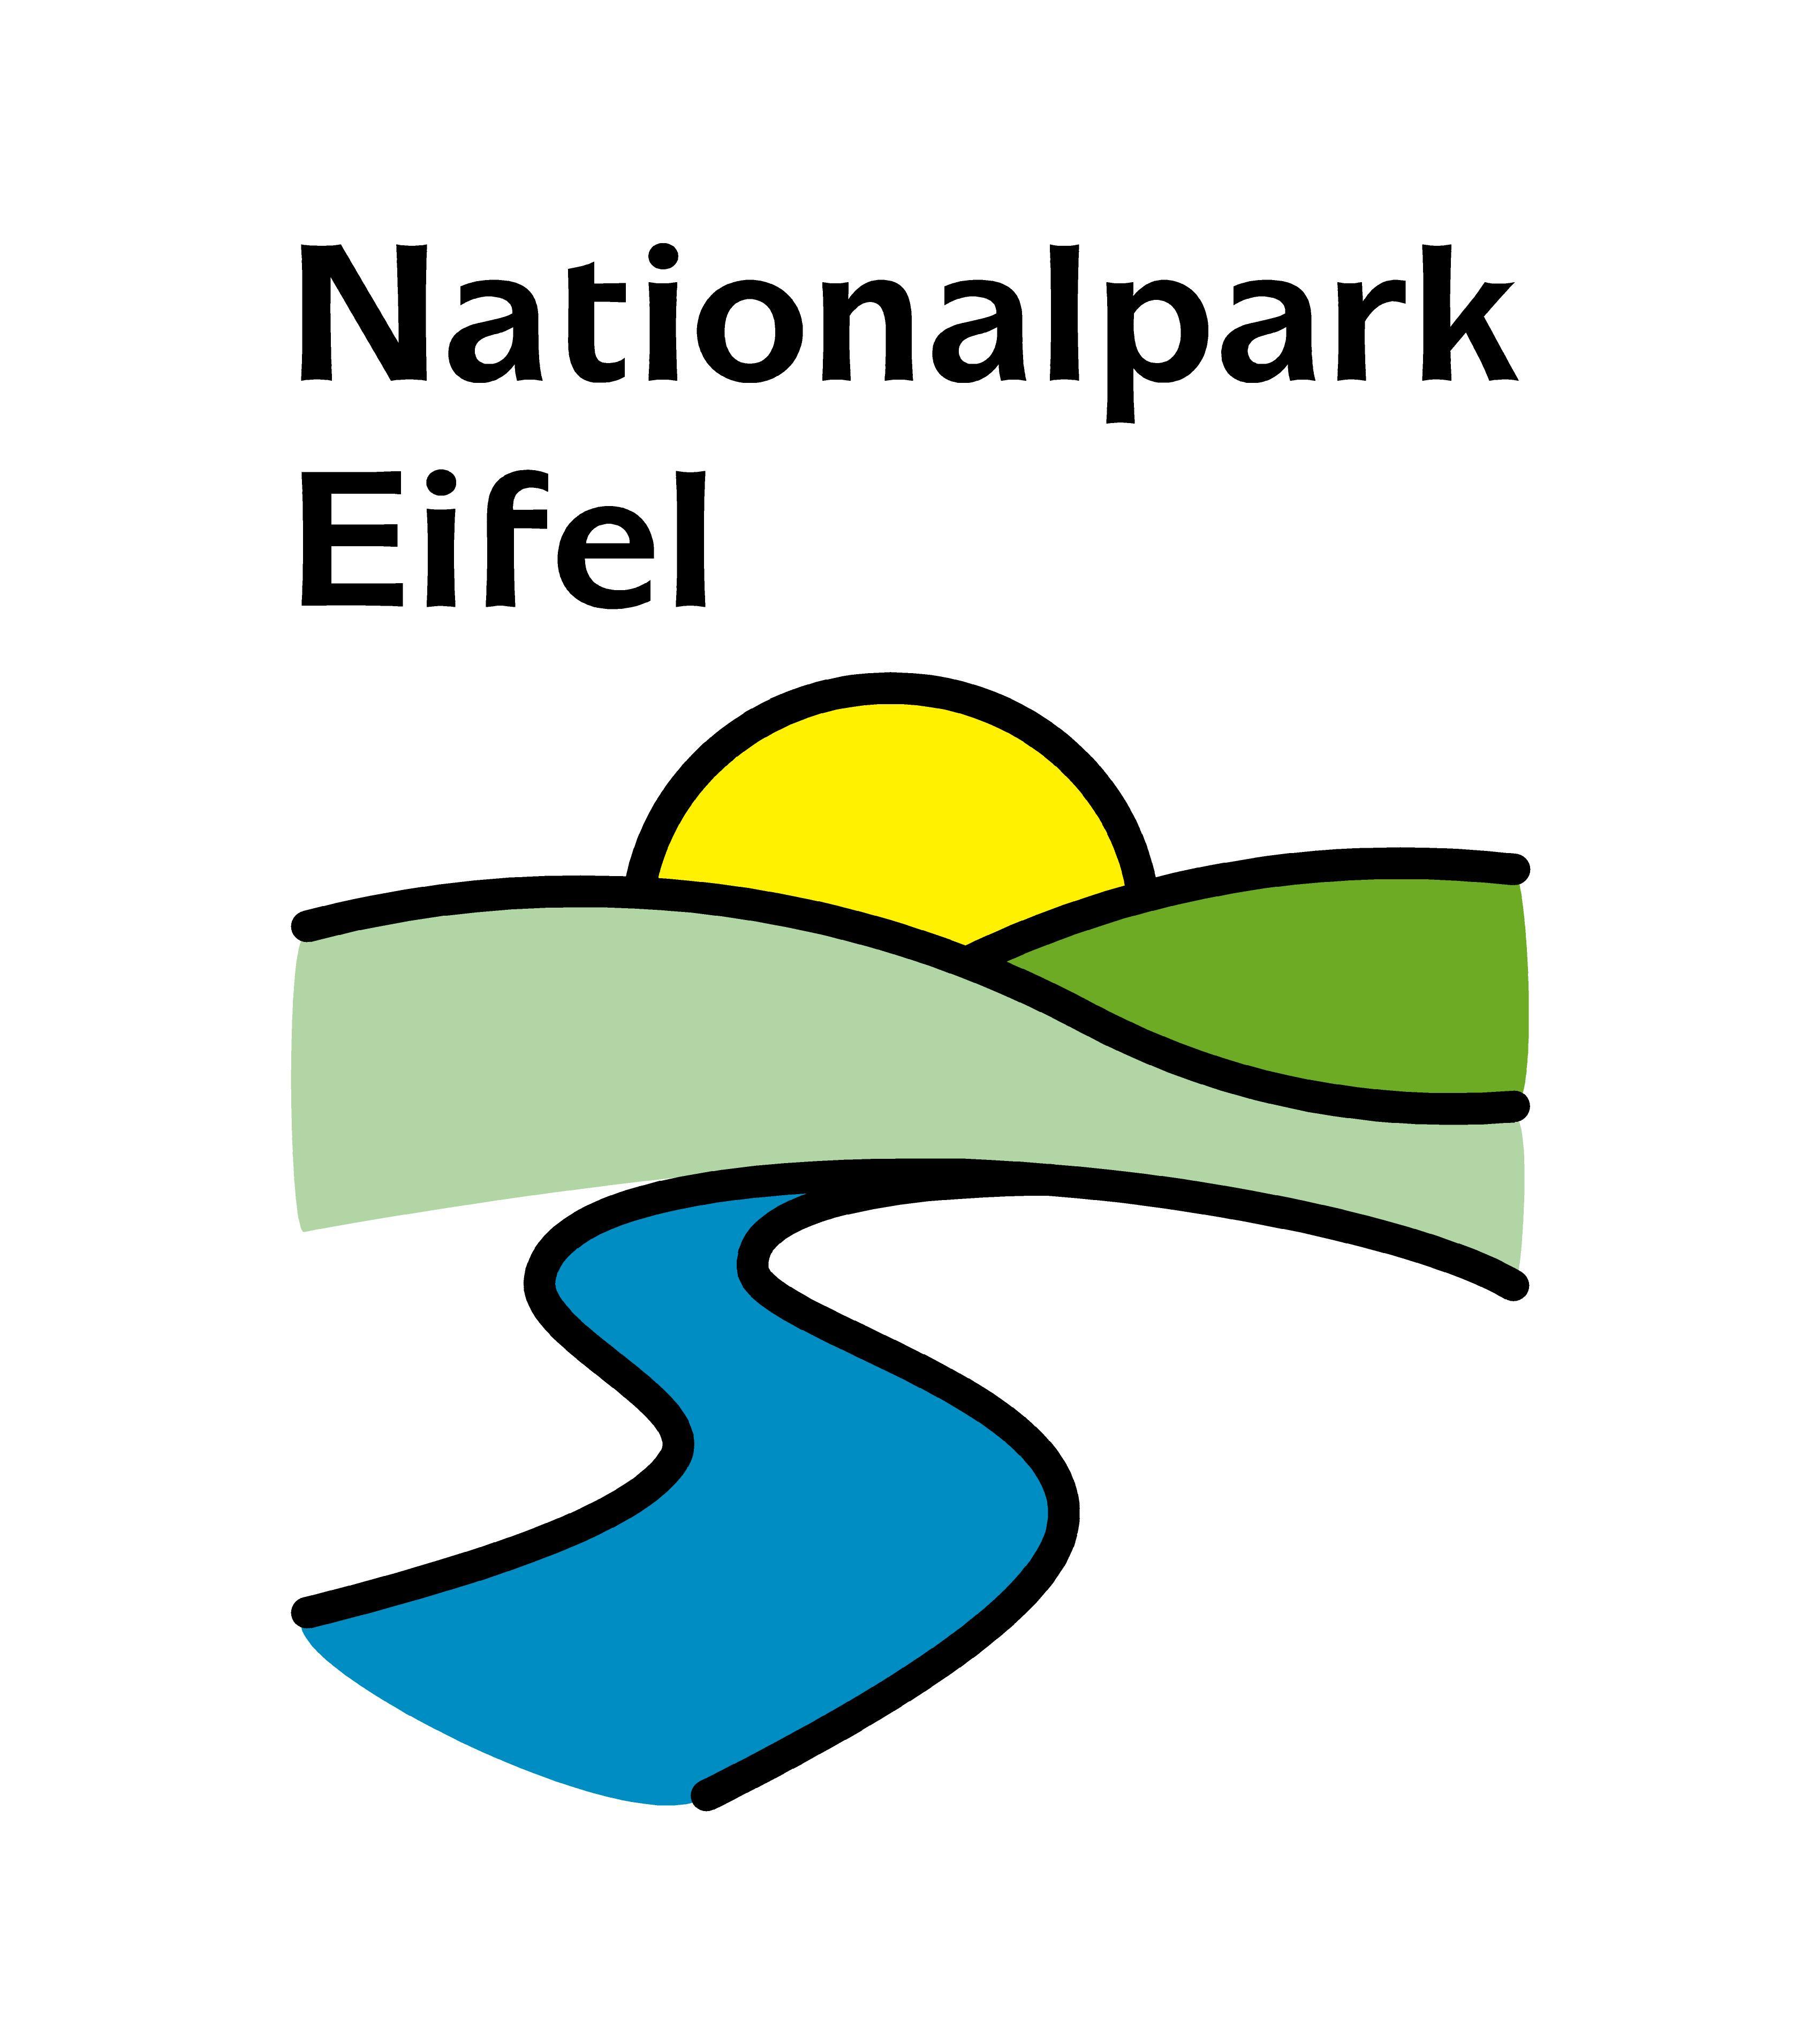 Nationalpark Eifel – Wikipedia